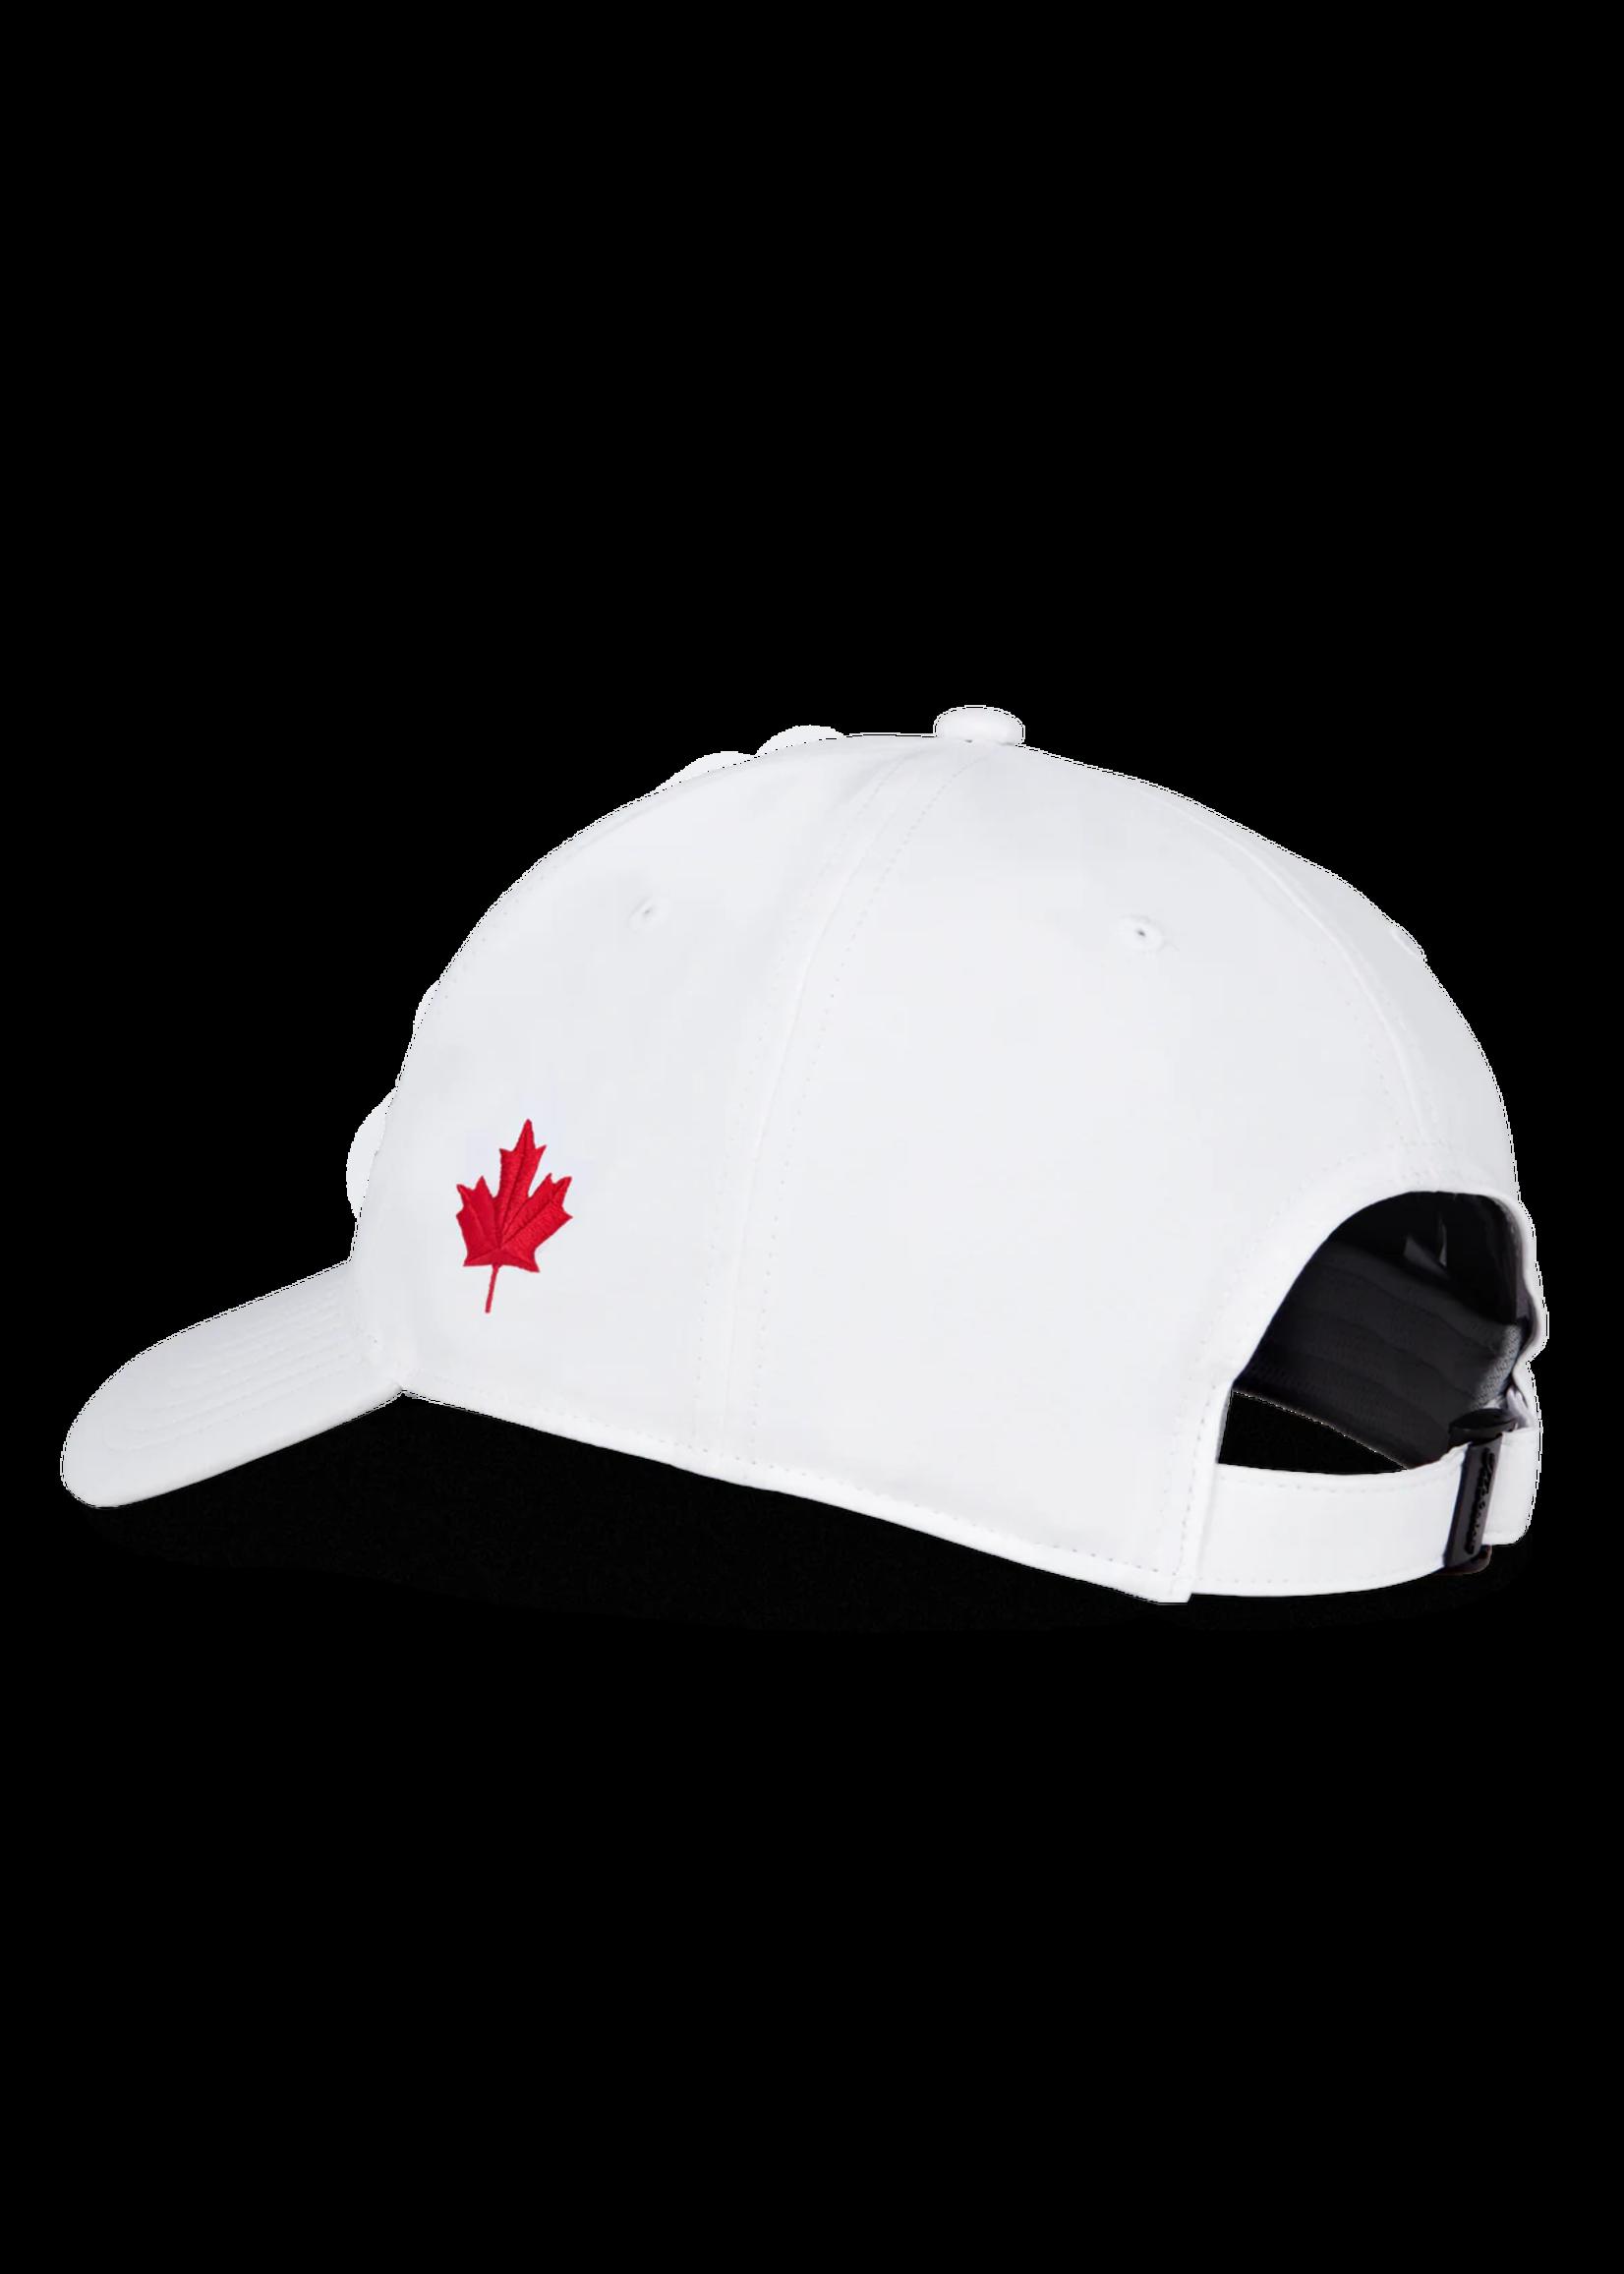 Titleist Hat Day Pref Std Crv